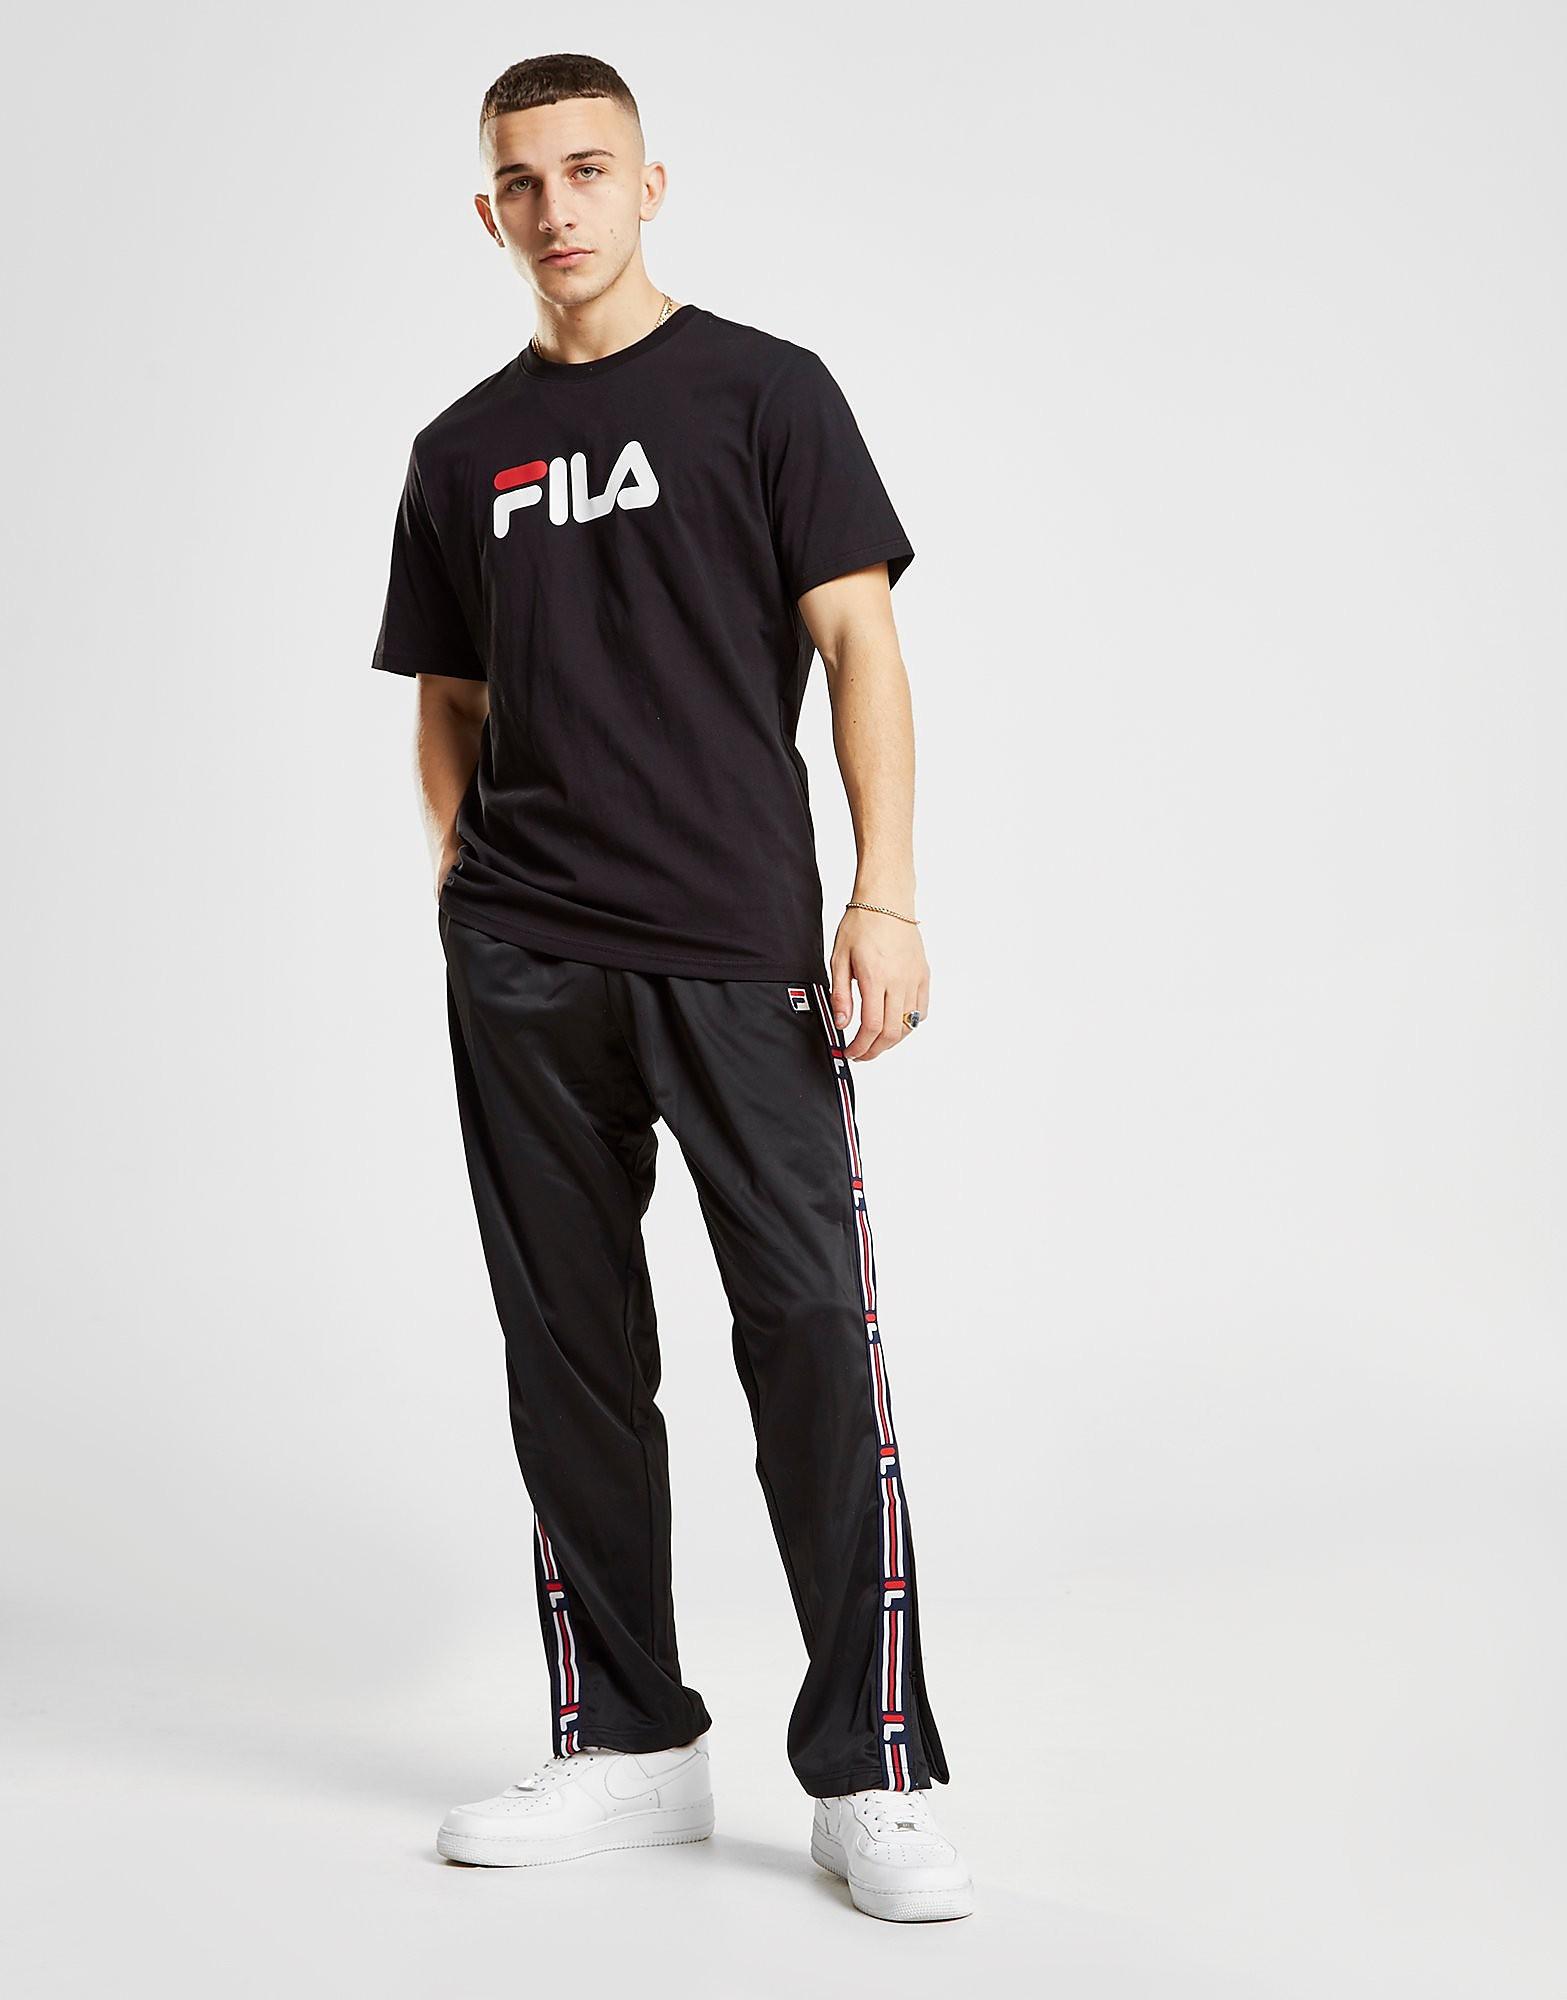 Fila Ush Woven Tape Track Pants Heren - BLK/BLK - Heren